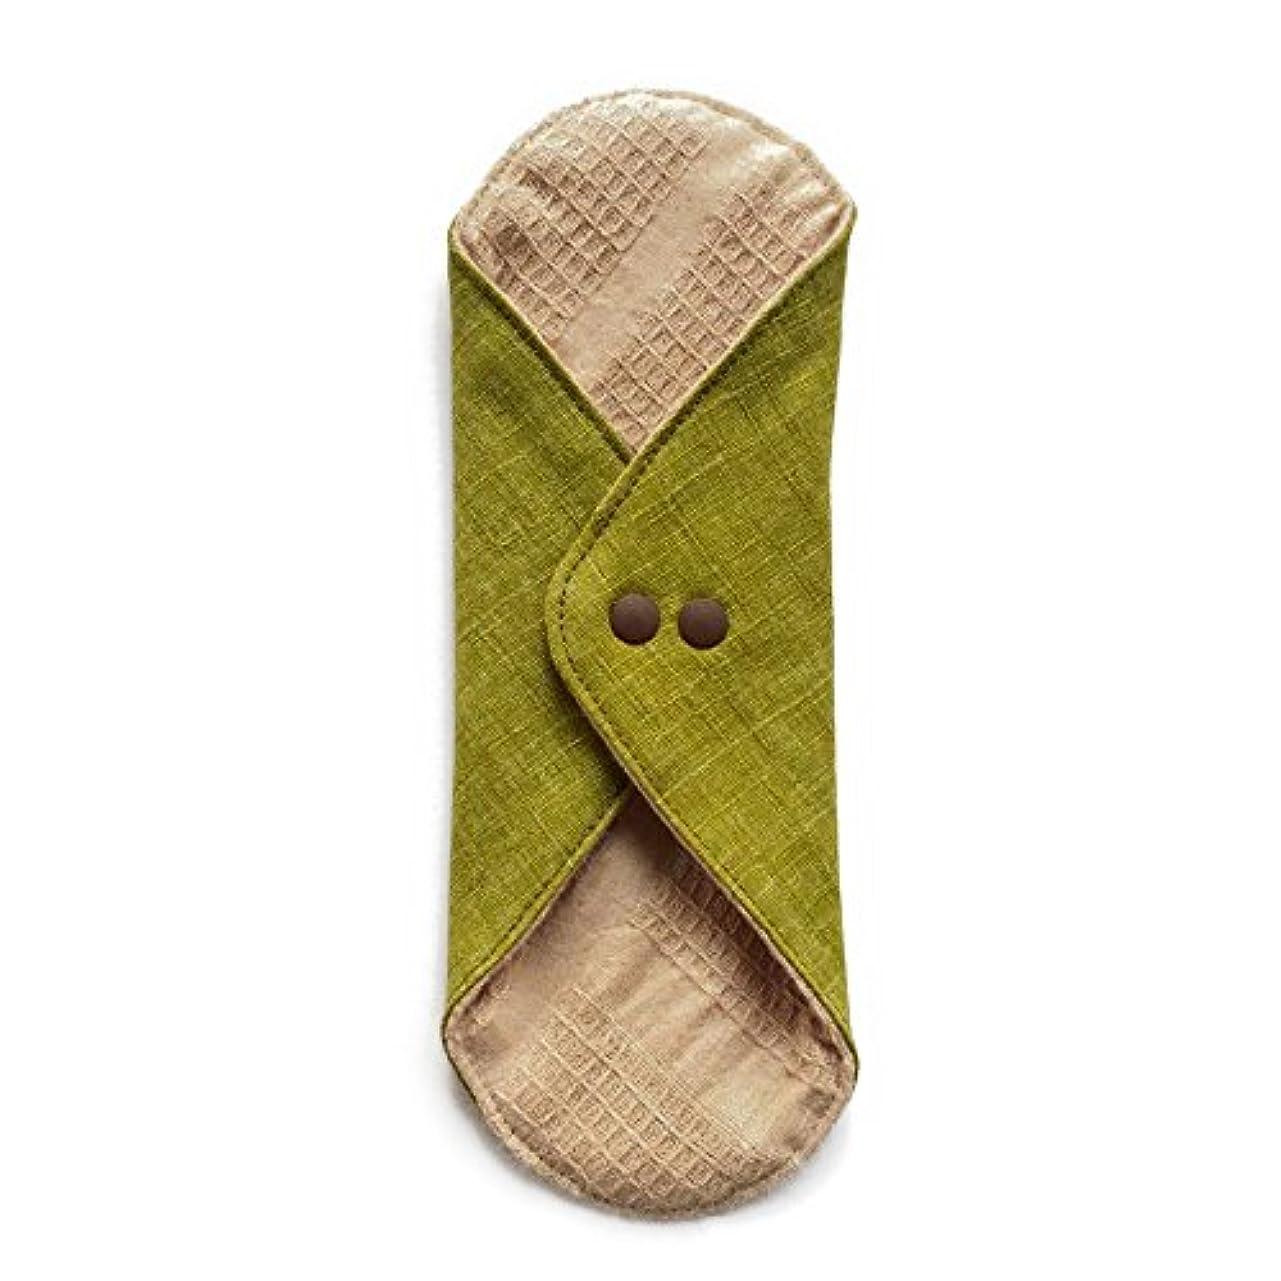 とにかく固有の非アクティブ華布のオーガニックコットンのあたため布 Lサイズ (約18×約20.5×約0.5cm) 彩り(抹茶)